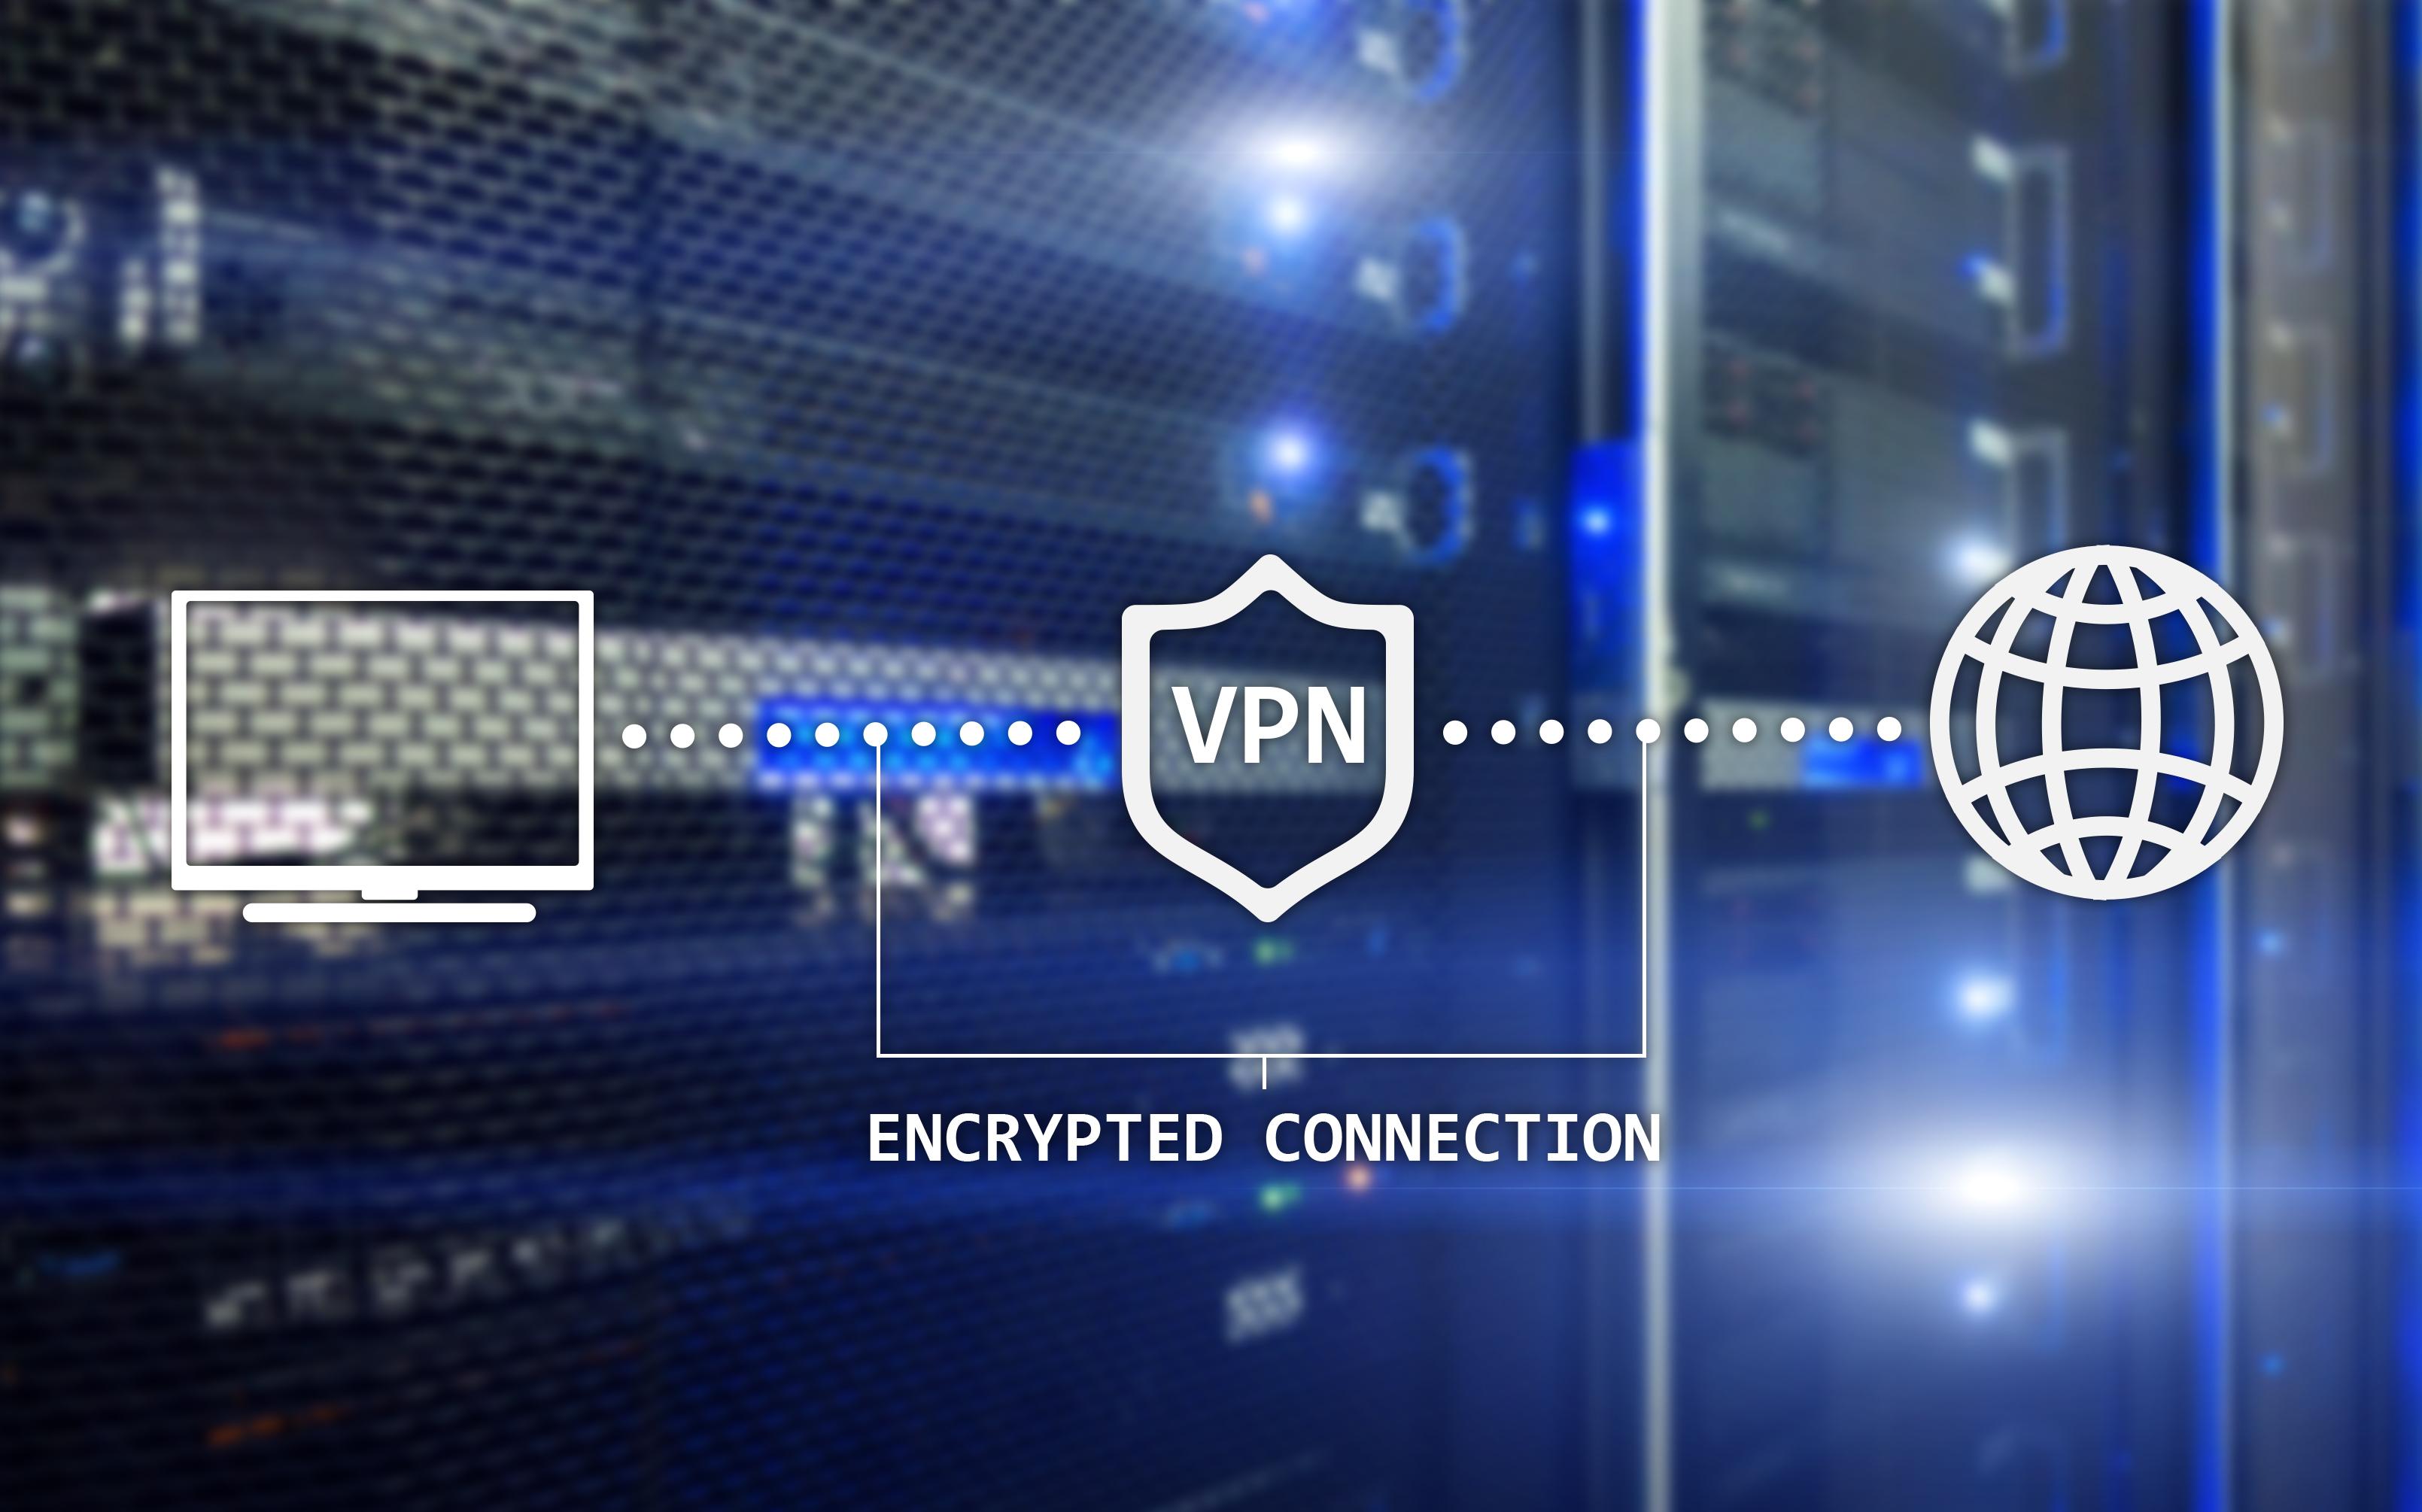 VPNとは?仕組み・使い道を初心者向けに完全解説!